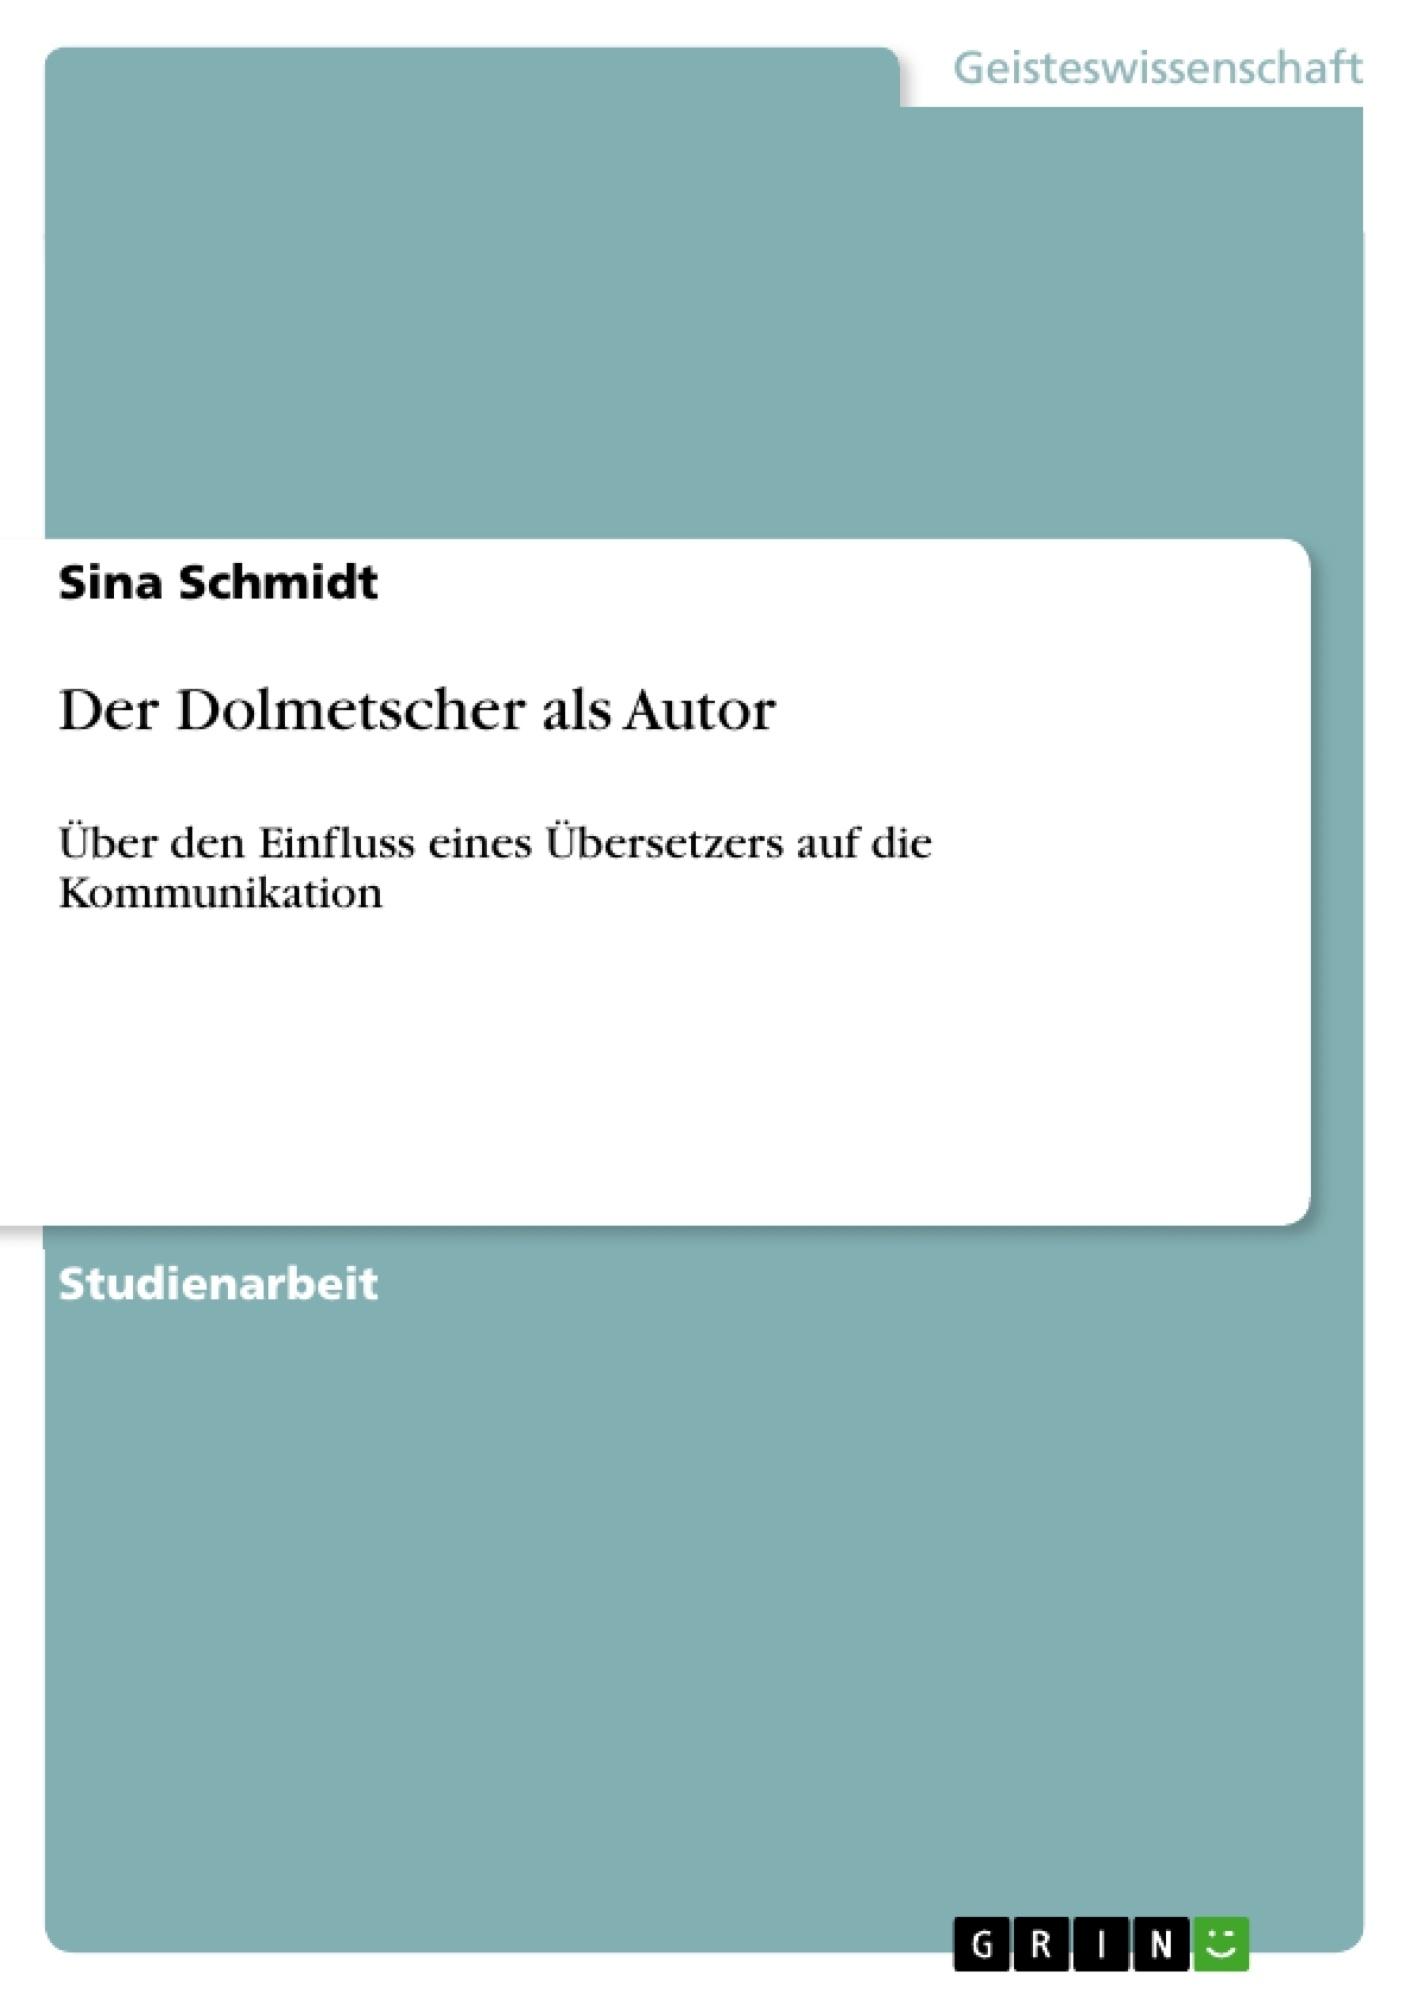 Titel: Der Dolmetscher als Autor